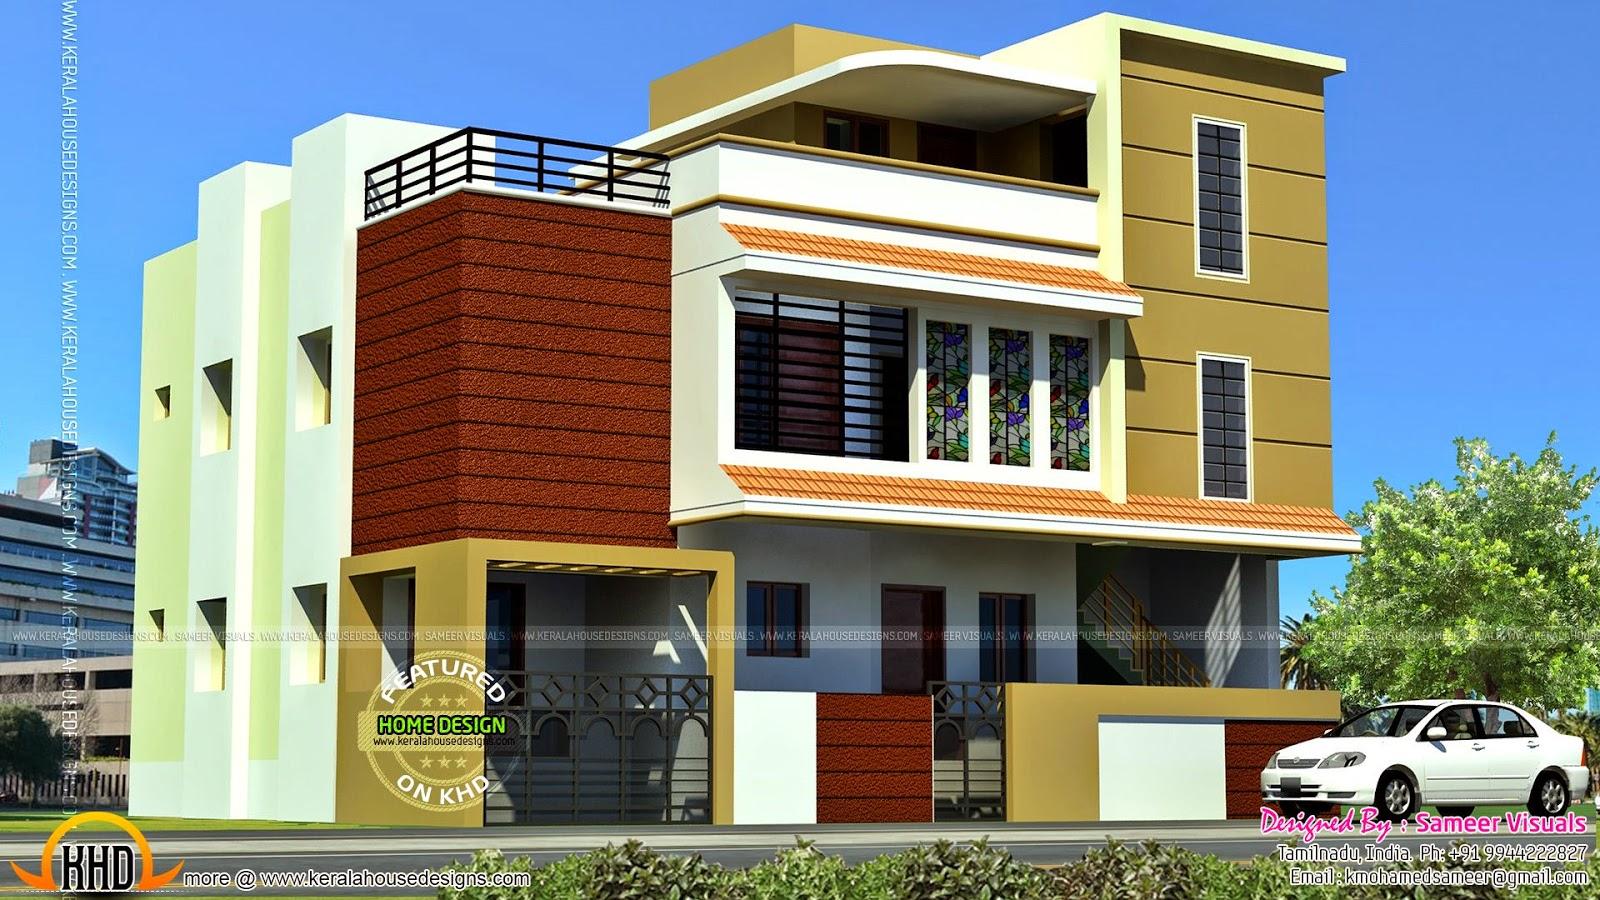 New Model House Elevation Part - 31: Hall Design For Home In Tamilnadu Ideasidea Hall Design For Home In  Tamilnadu Ideasidea. New Modern House Elevation Models ...